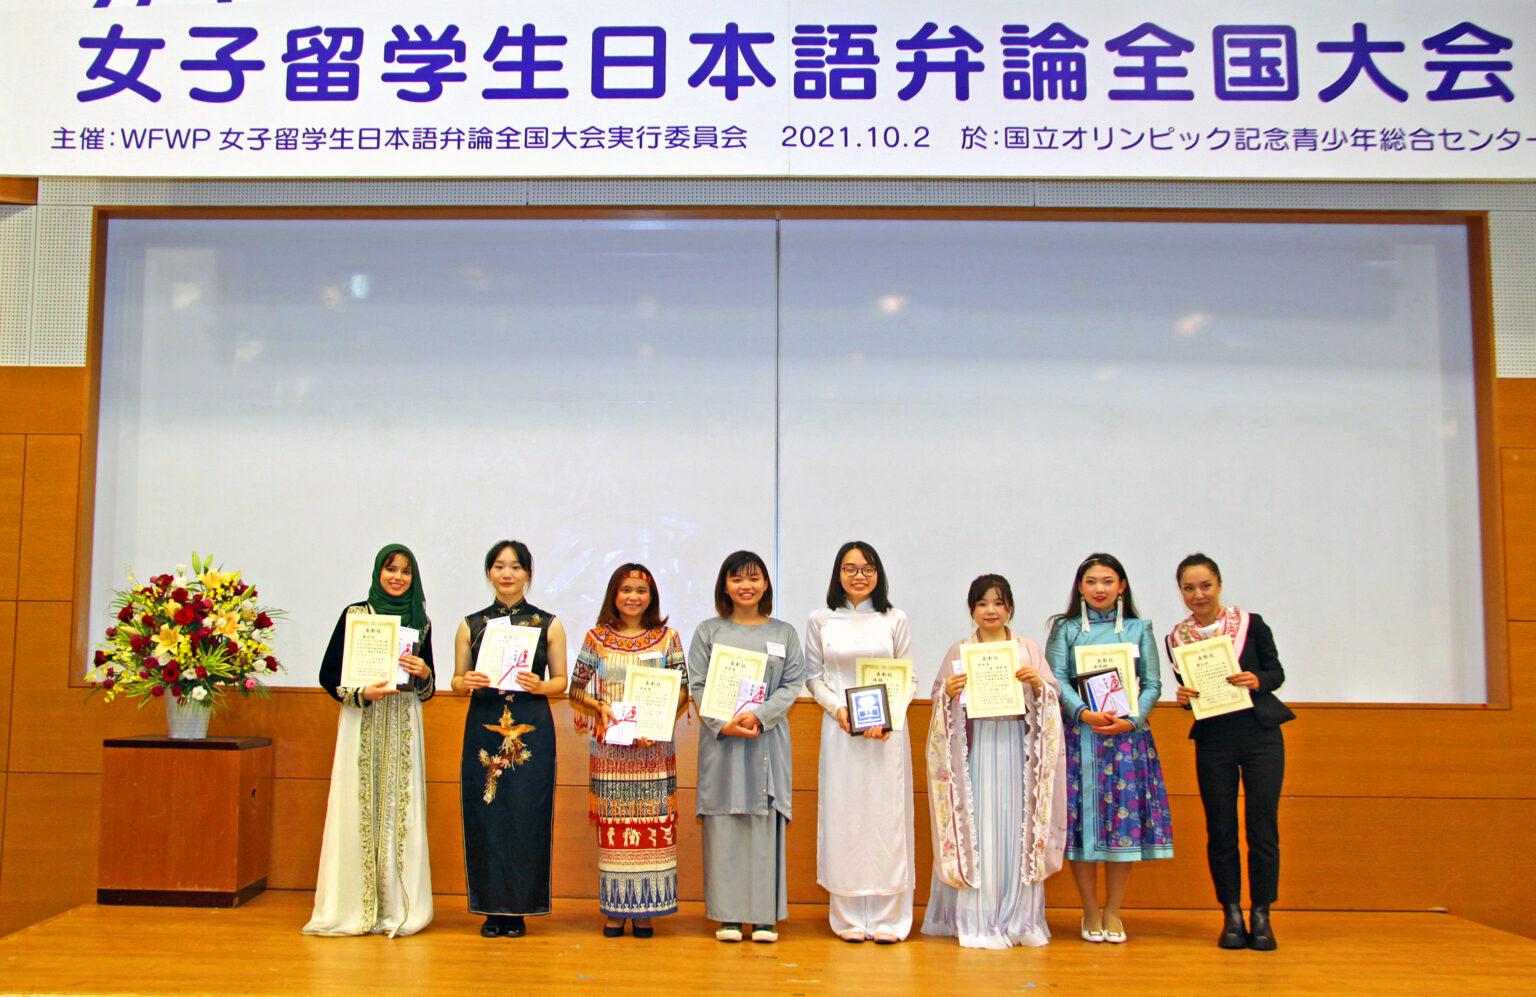 世界平和女性連合(WFWP)主催「第25回WFWP女子留学生日本語弁論全国大会」で本学カザフスタン人在学生が第3位入賞